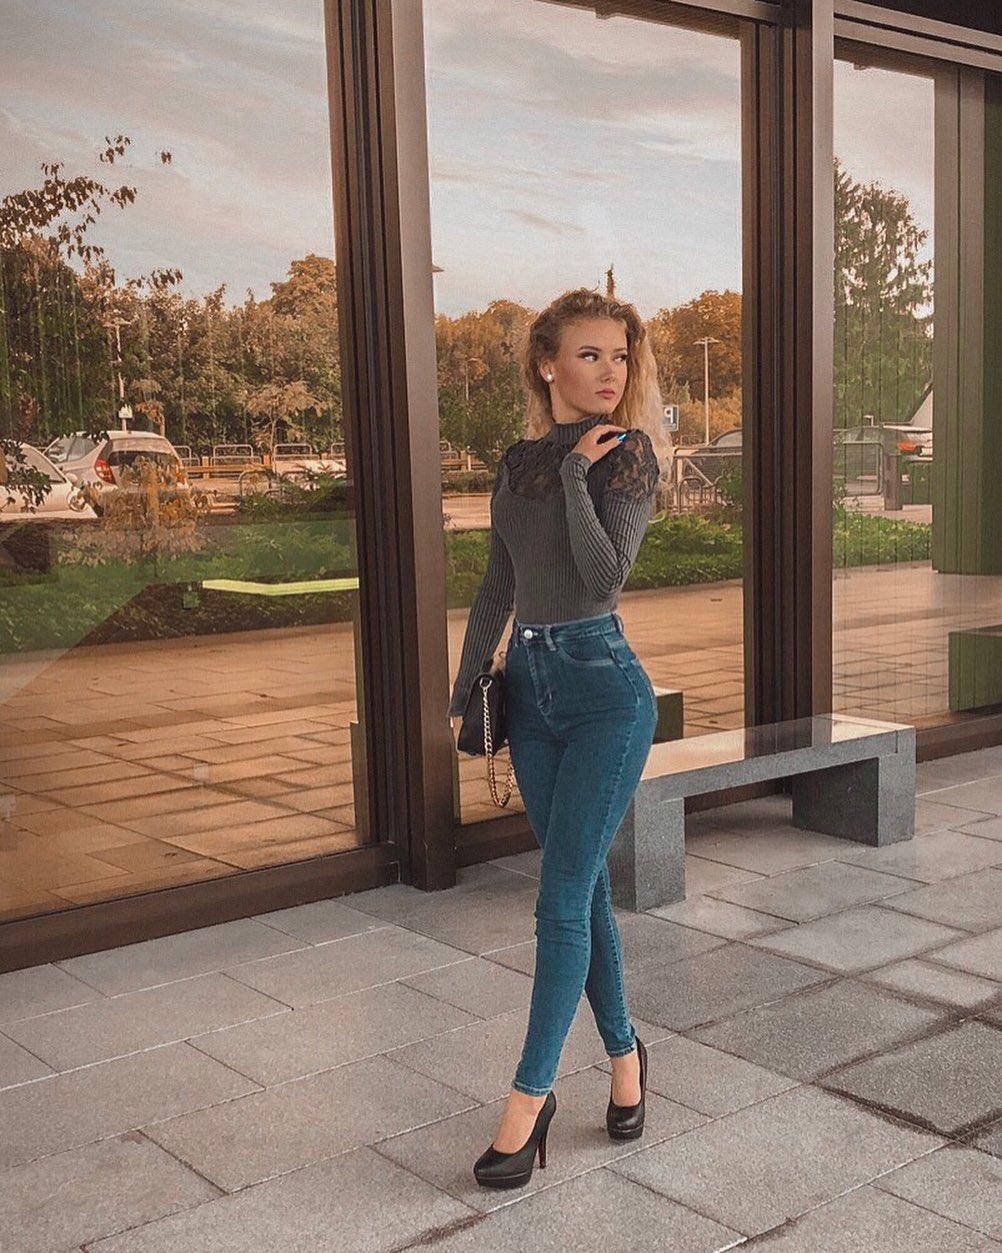 Angelina-Konsta-Wallpapers-Insta-Fit-Bio-3